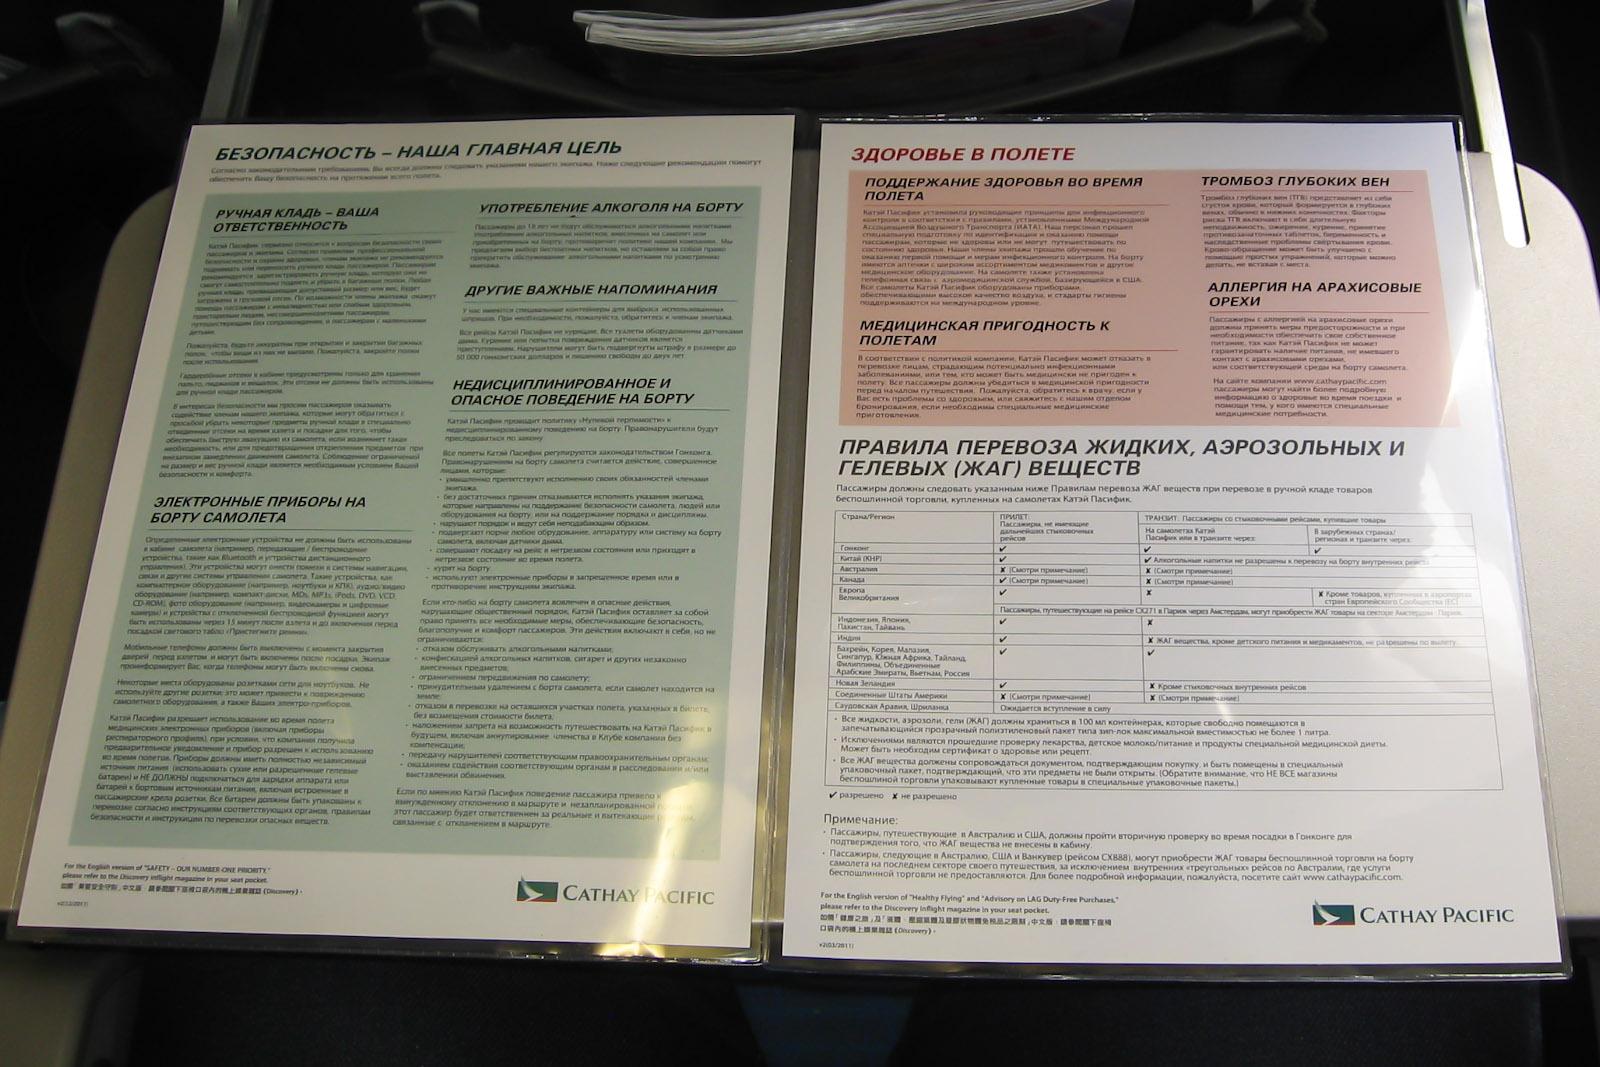 Инструкция для пассажиров авиакомпании Cathay Pacific